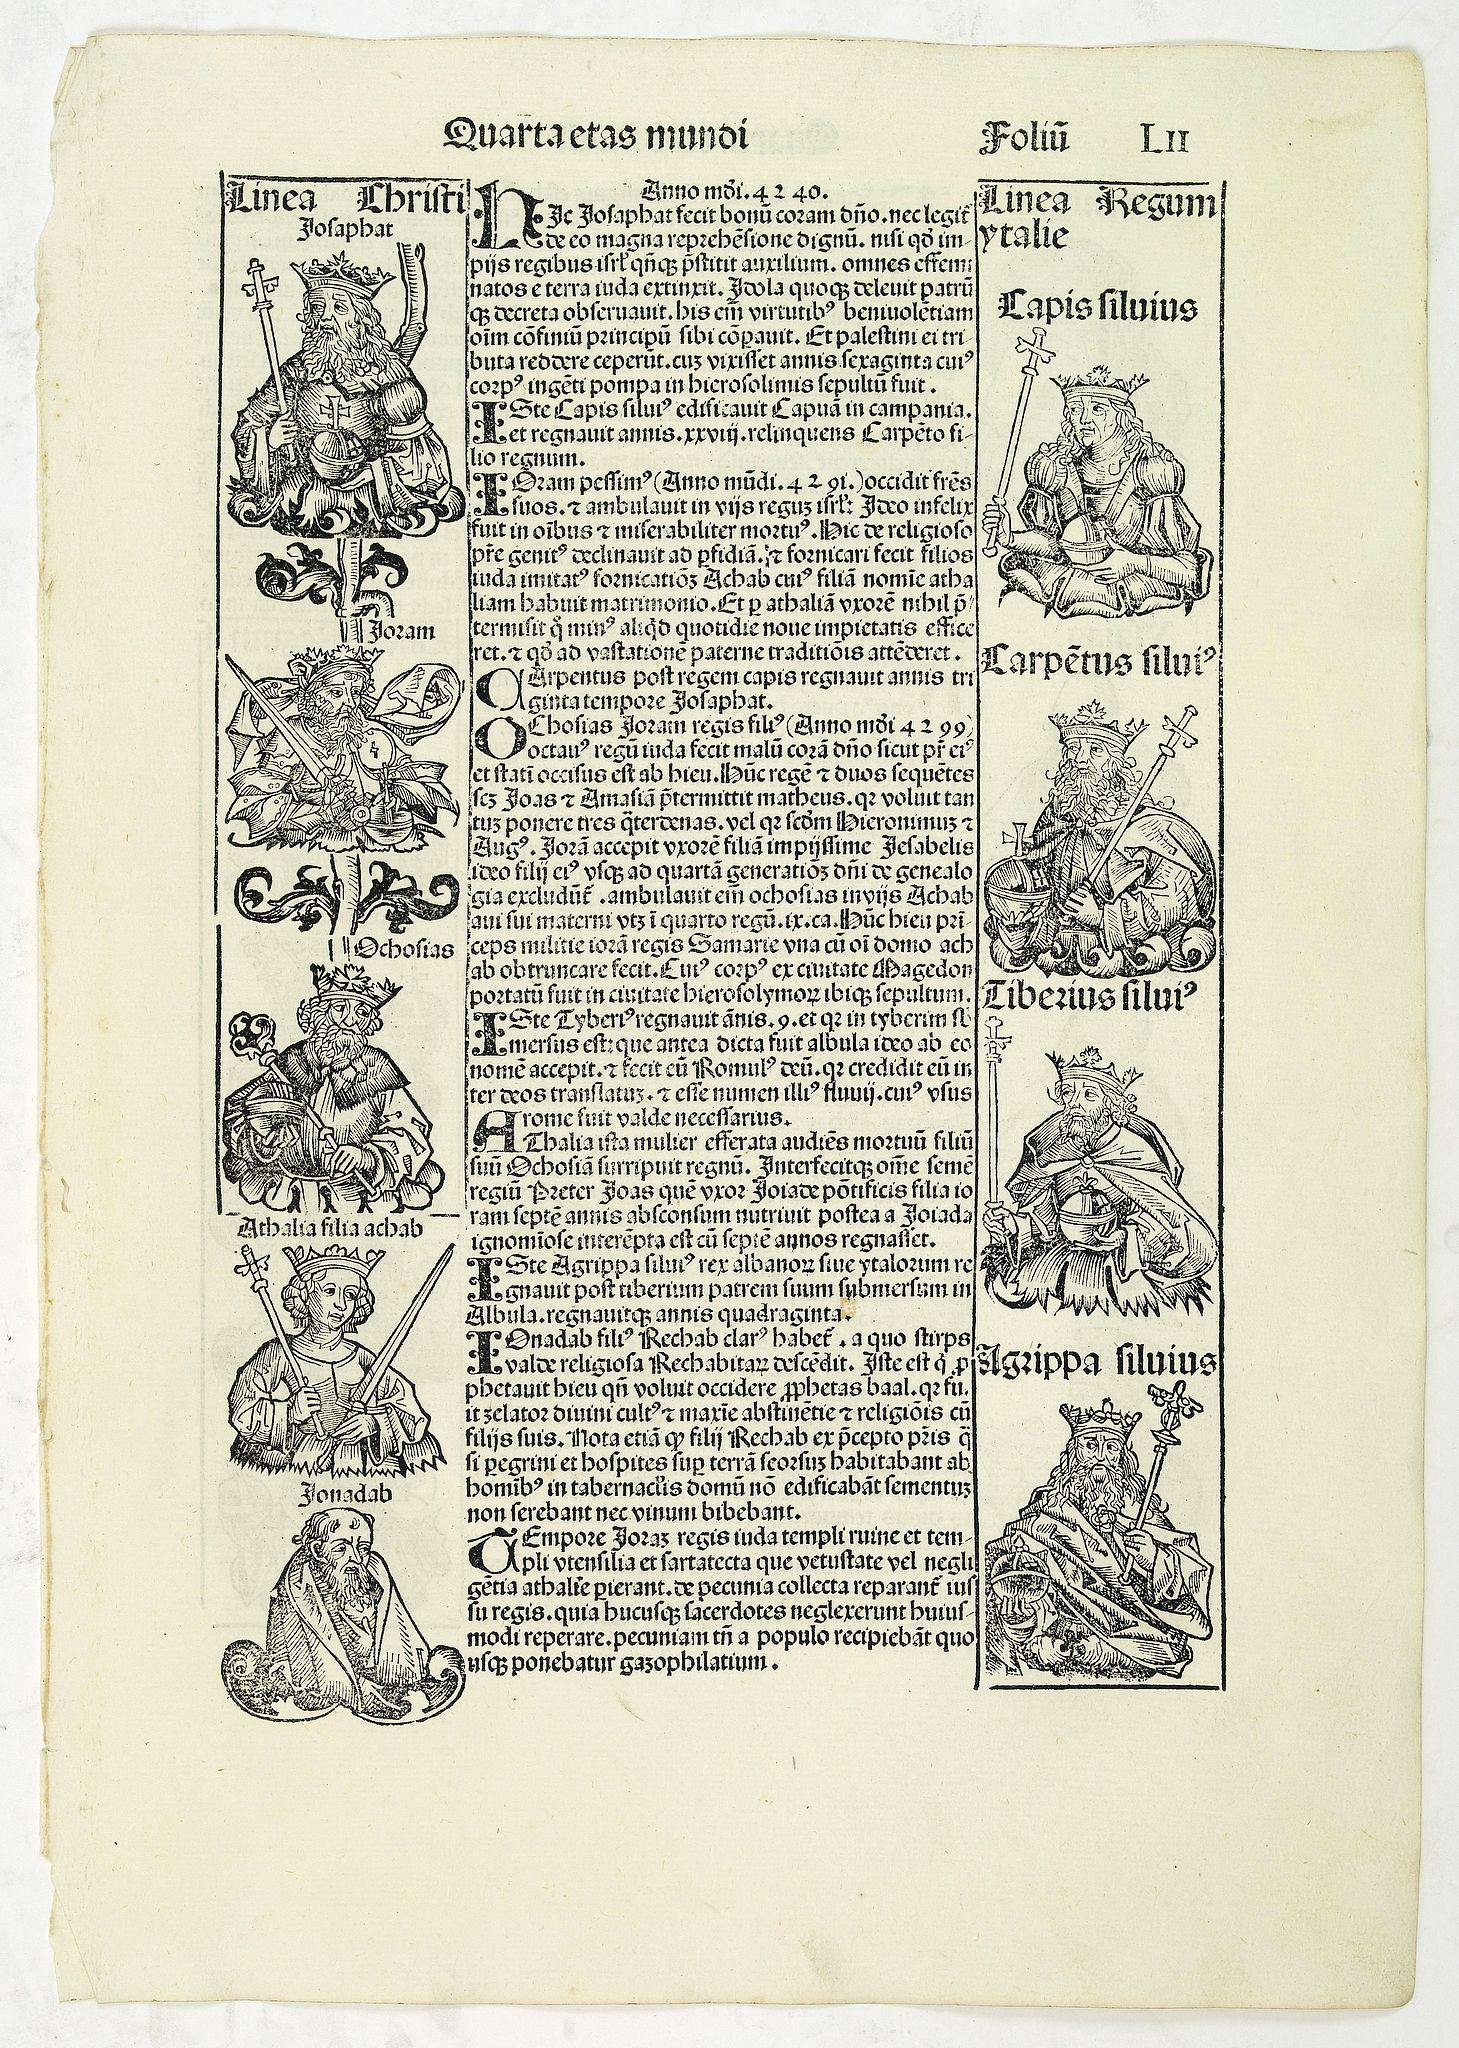 SCHEDEL, H. - Quarta Etas Mundi. Folium.LII